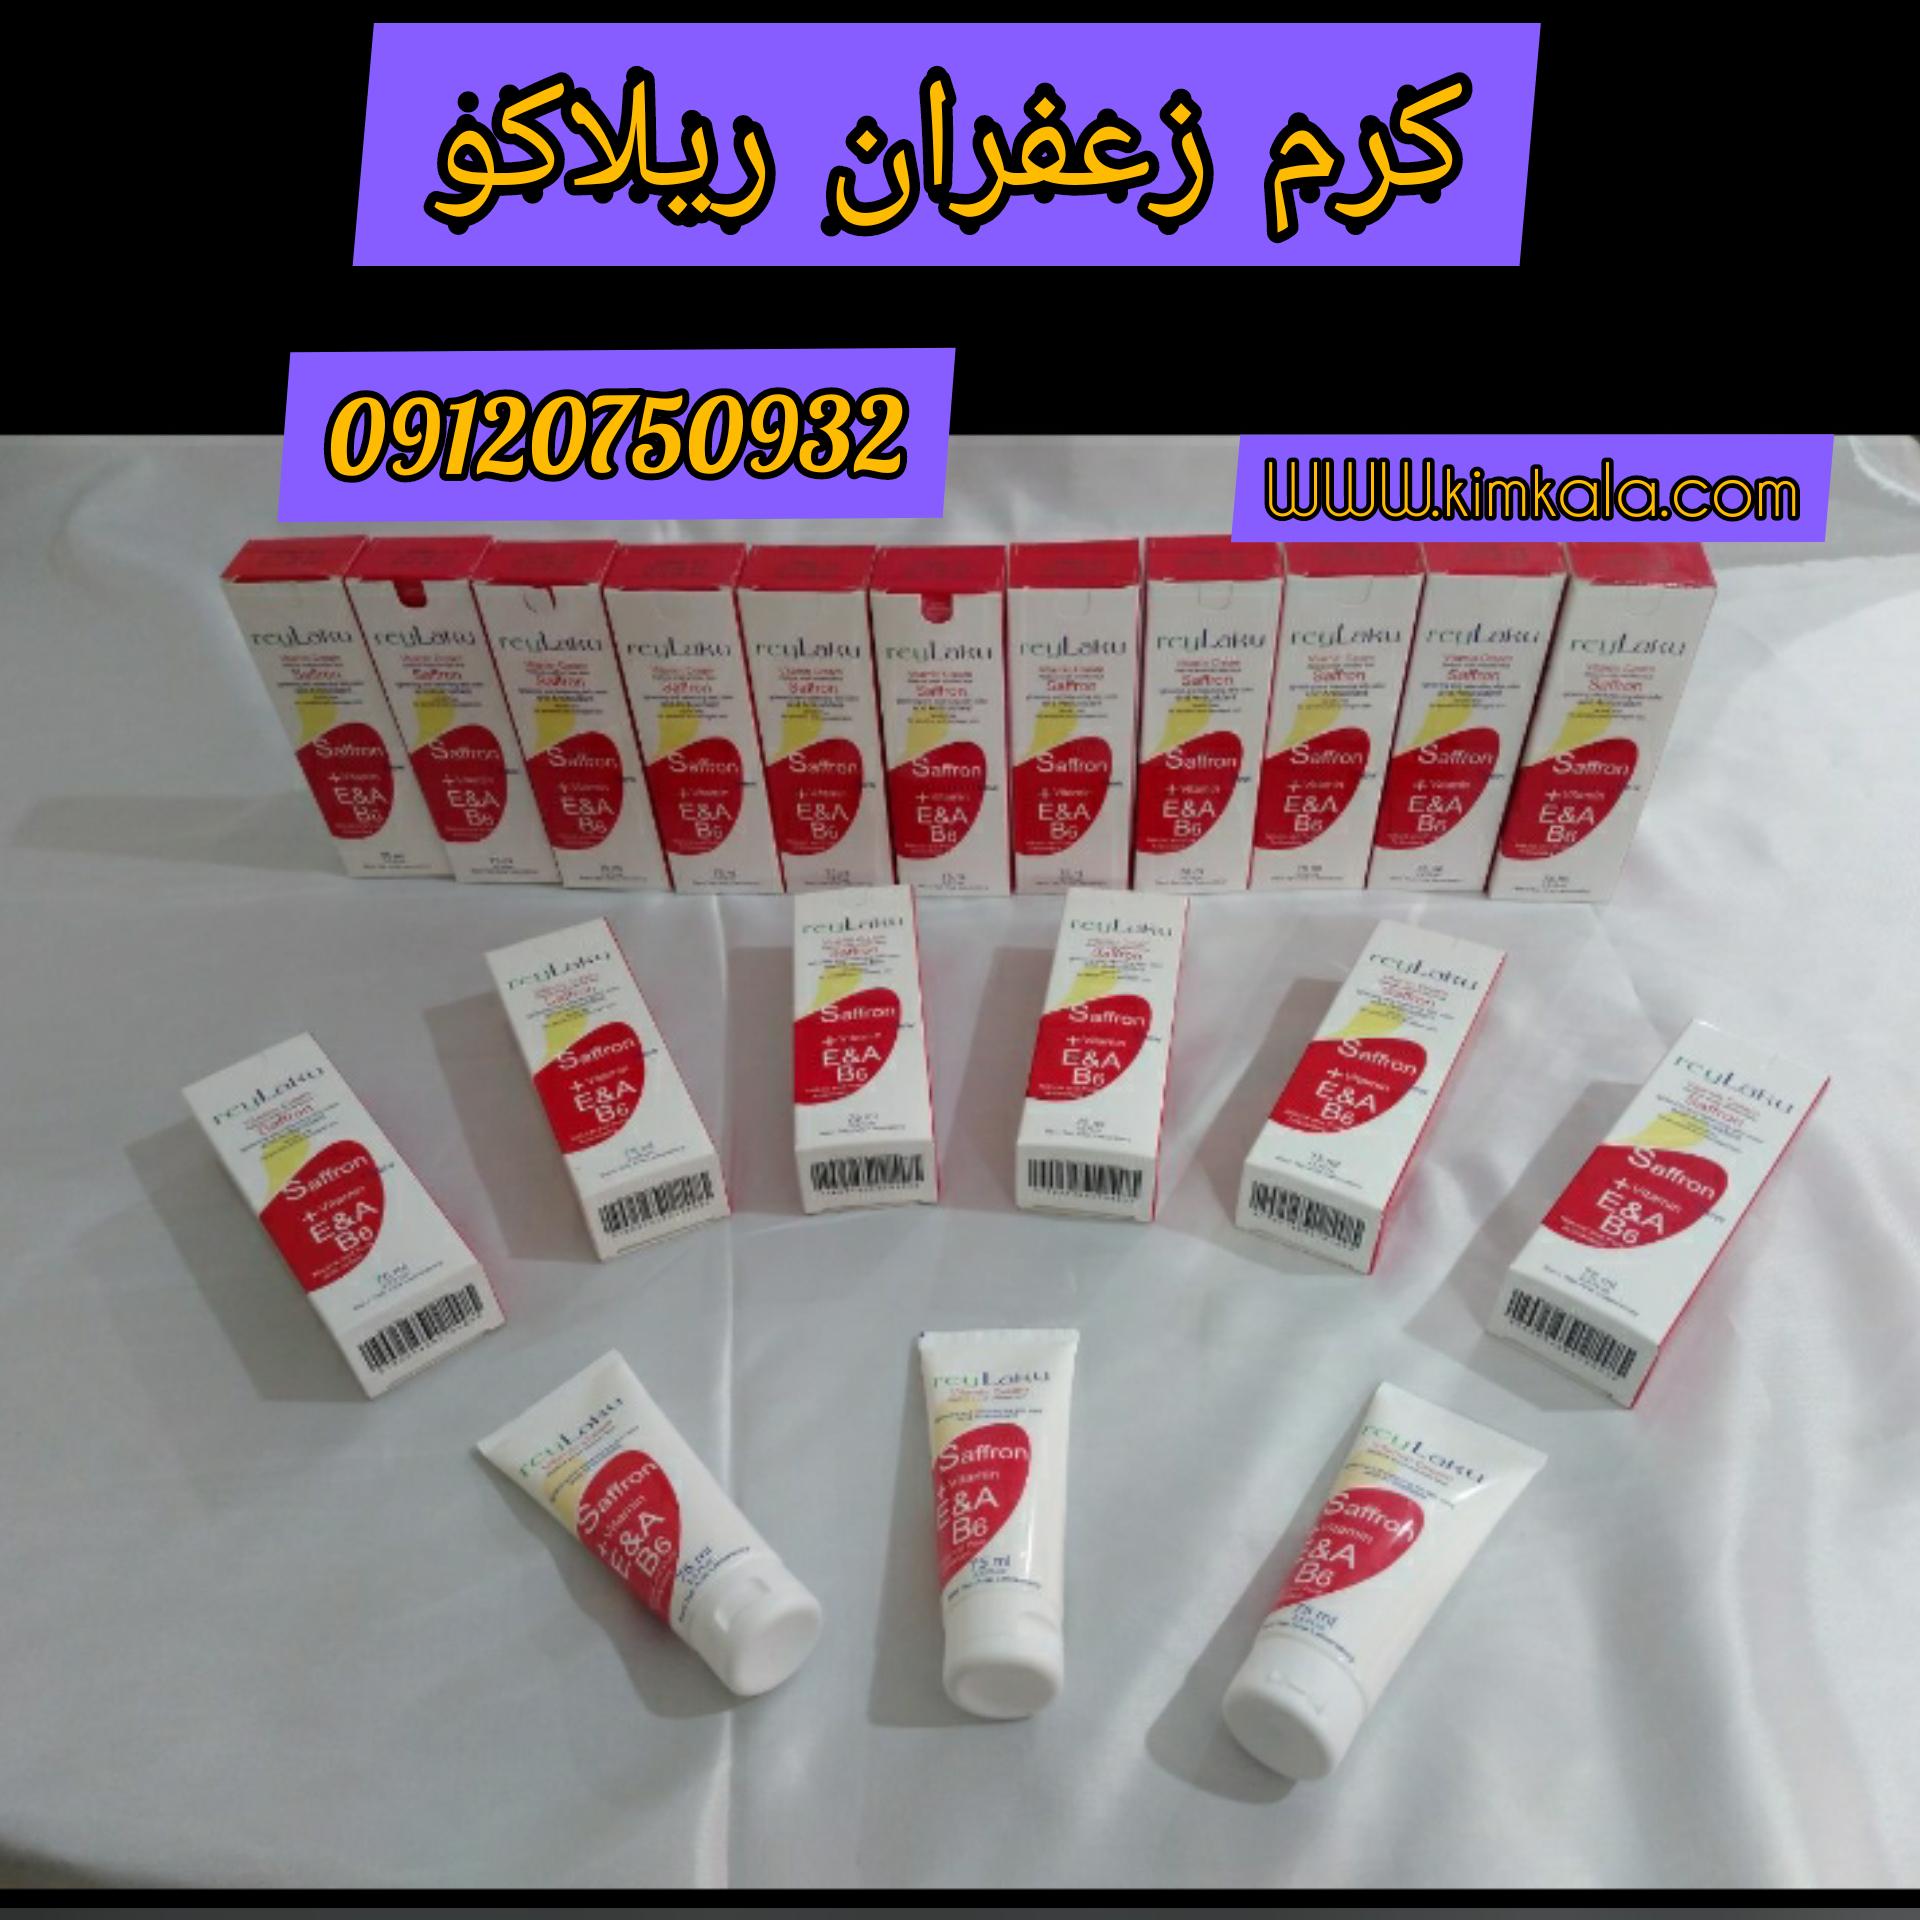 کرم زعفران ریلاکو/09120750932/قیمت کرم